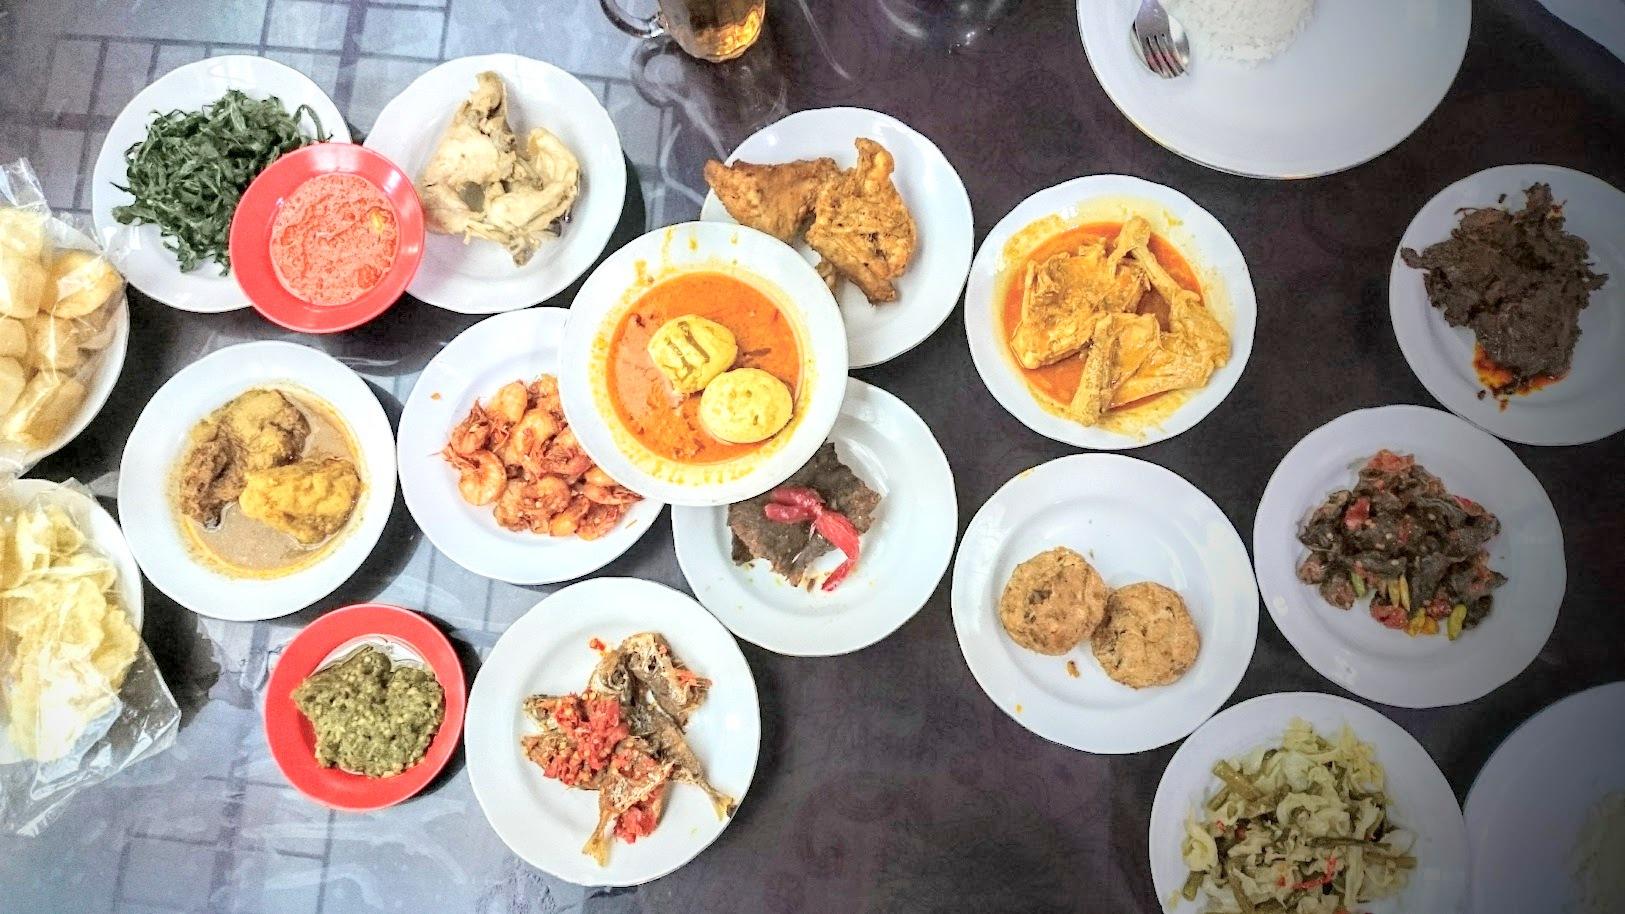 Masakan padang Indonesia ruoka